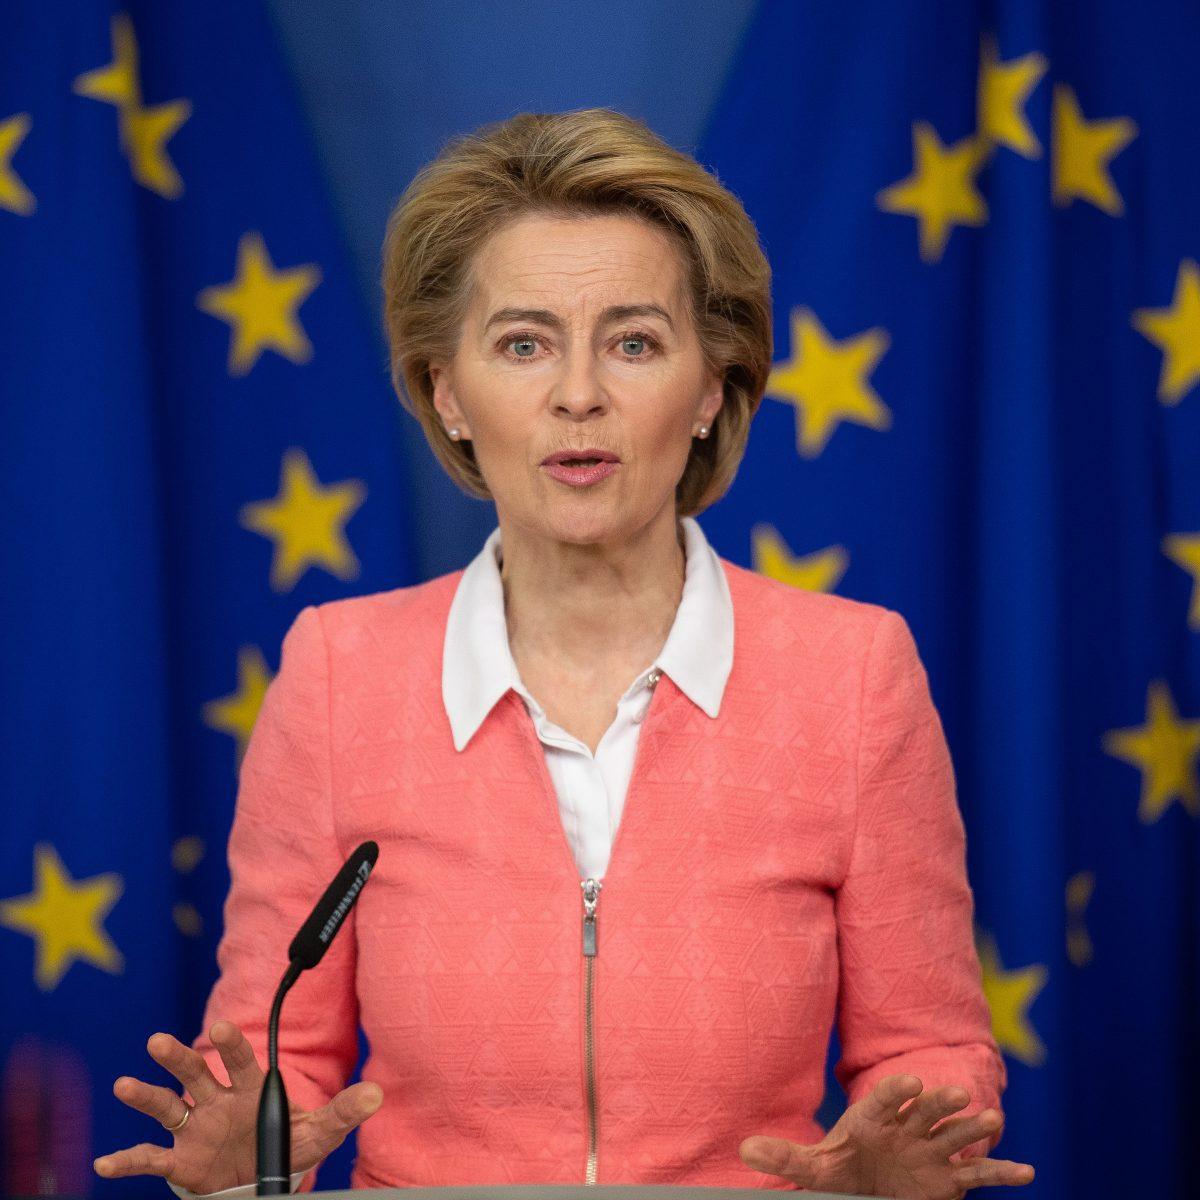 Corne de l'Afrique: l'Europe entre les mains des lobbyistes? L'étrange parabole de l'amb. Rondos